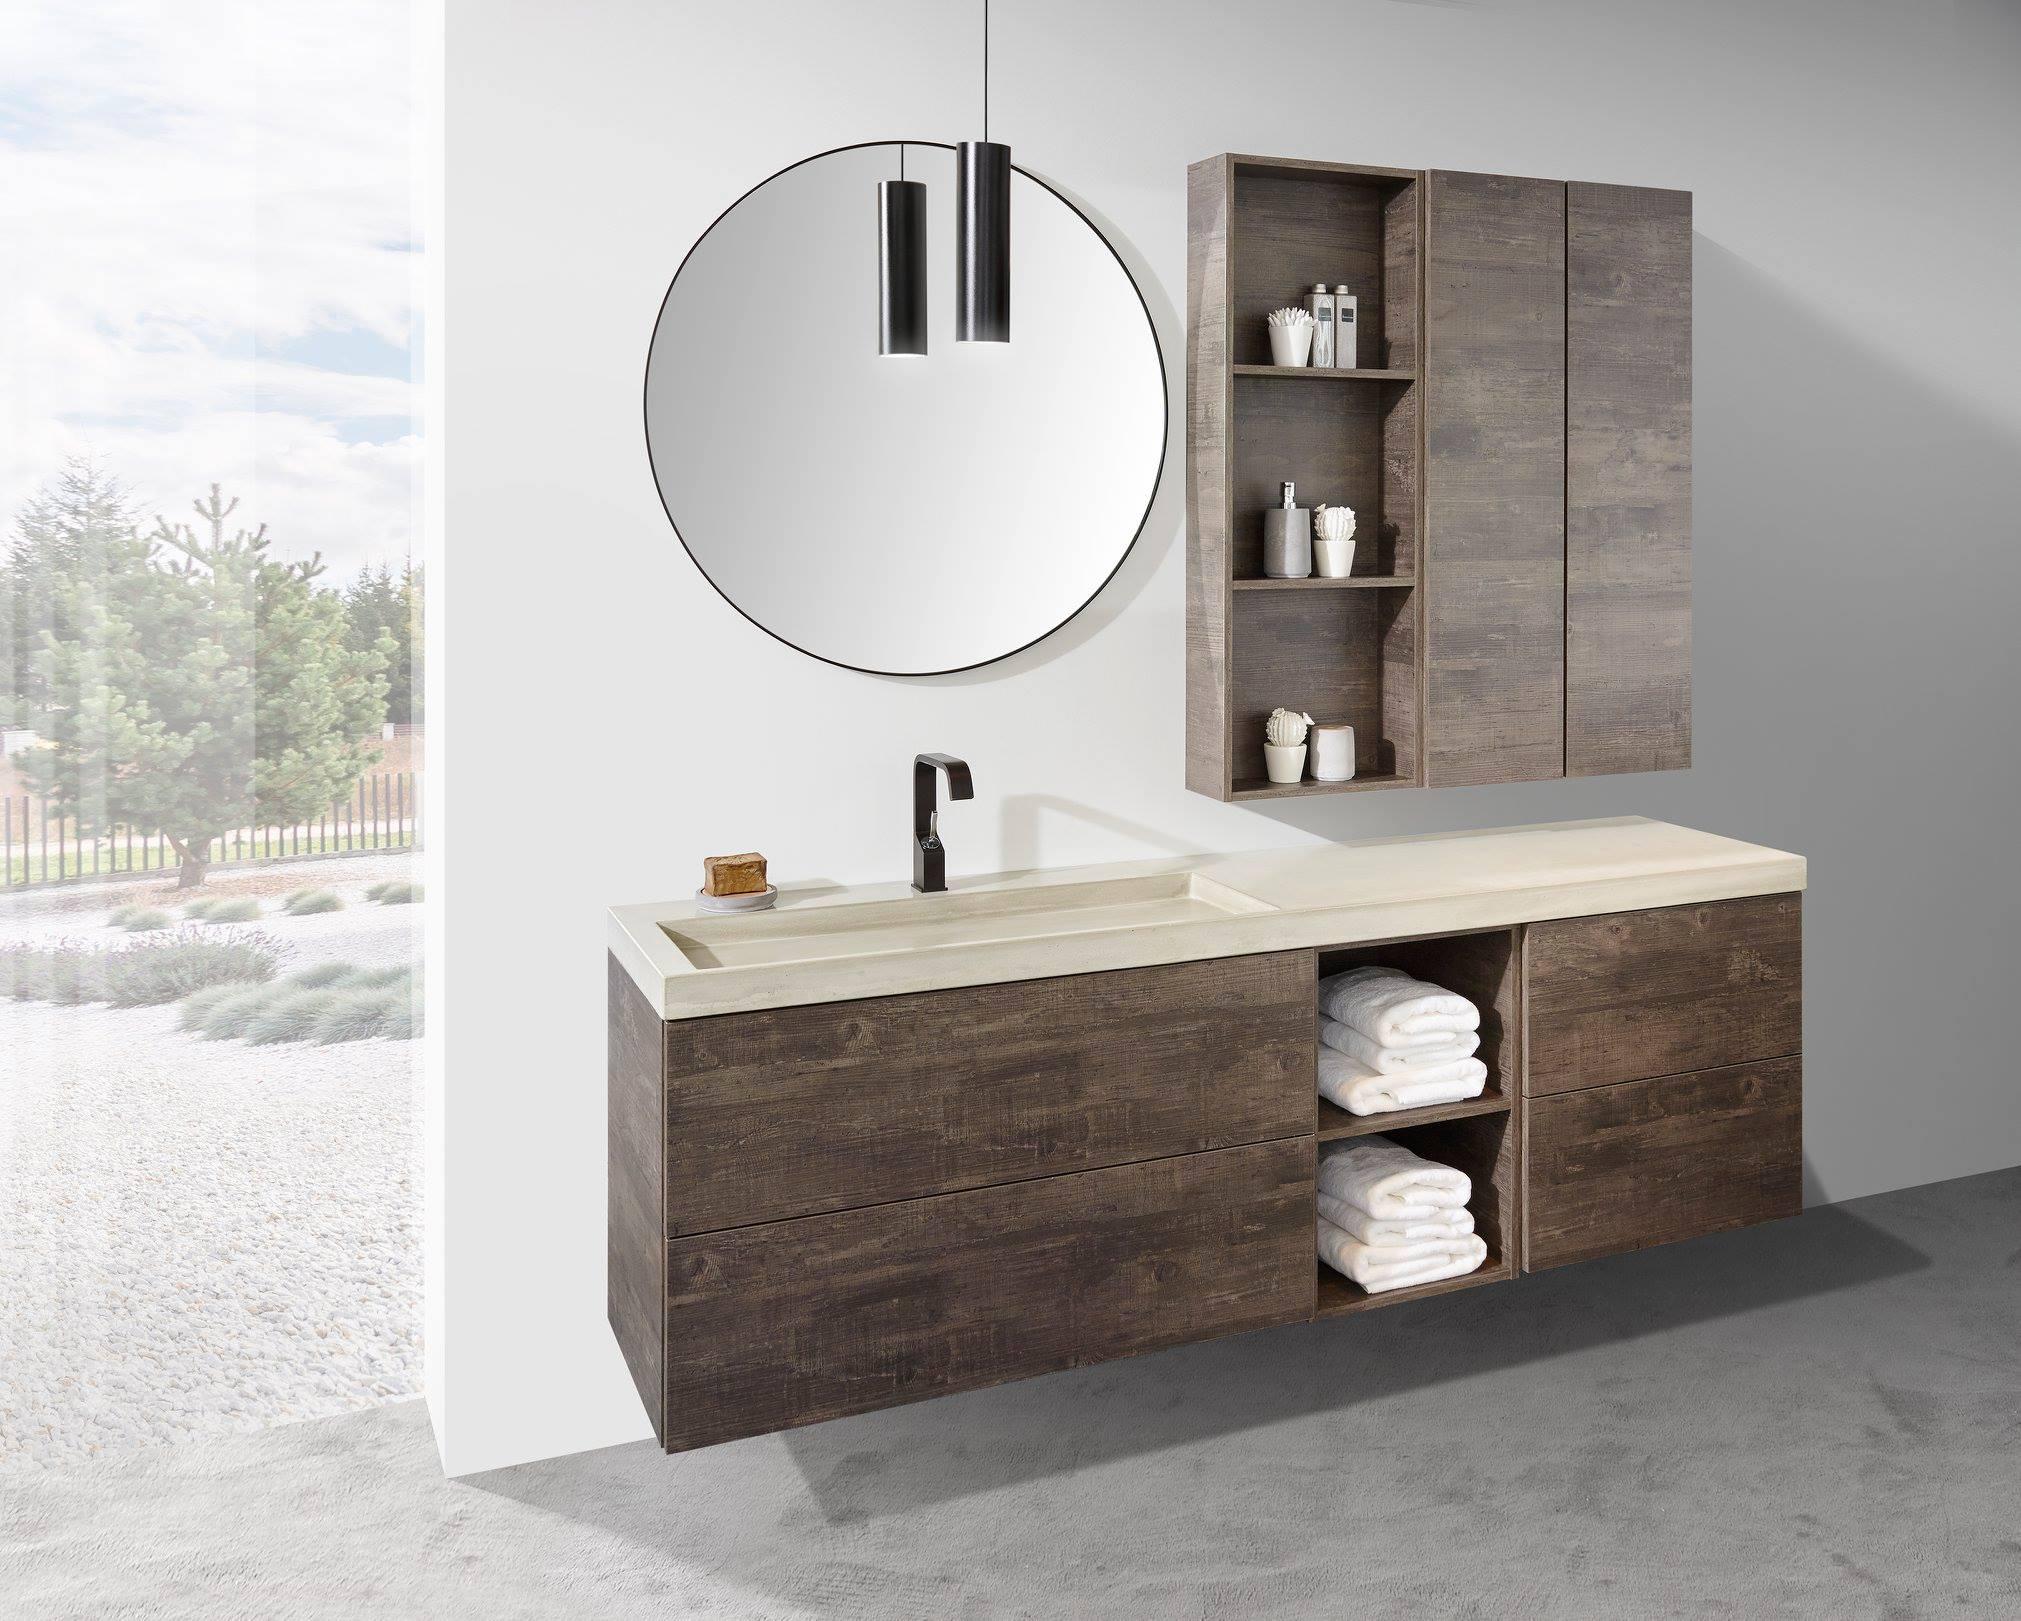 Badkamerinspiratie. Badkamermeubel volgens de laatste badkamertrends. Wastafelblad van beton en badkamermeubel van Detremmerie #detremmerie #badkamer #badkamertrends #badkamerinspiratie